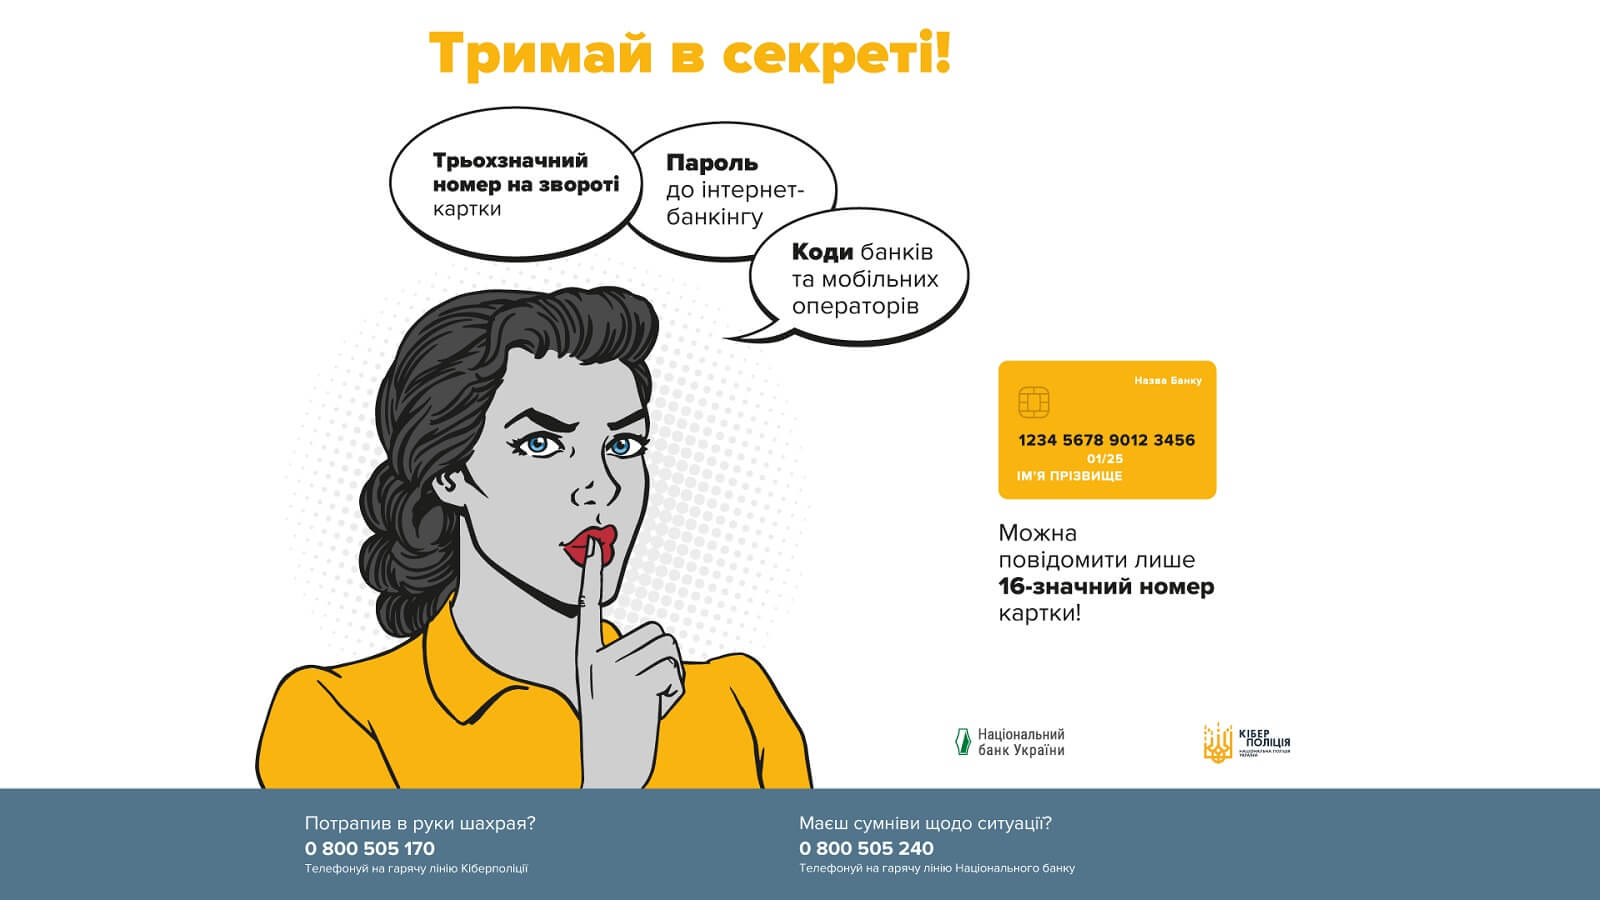 ПАО «МТБ БАНК» совместно с НБУ и партнерами начинает кампанию против платежного мошенничества - фото - mtb.ua